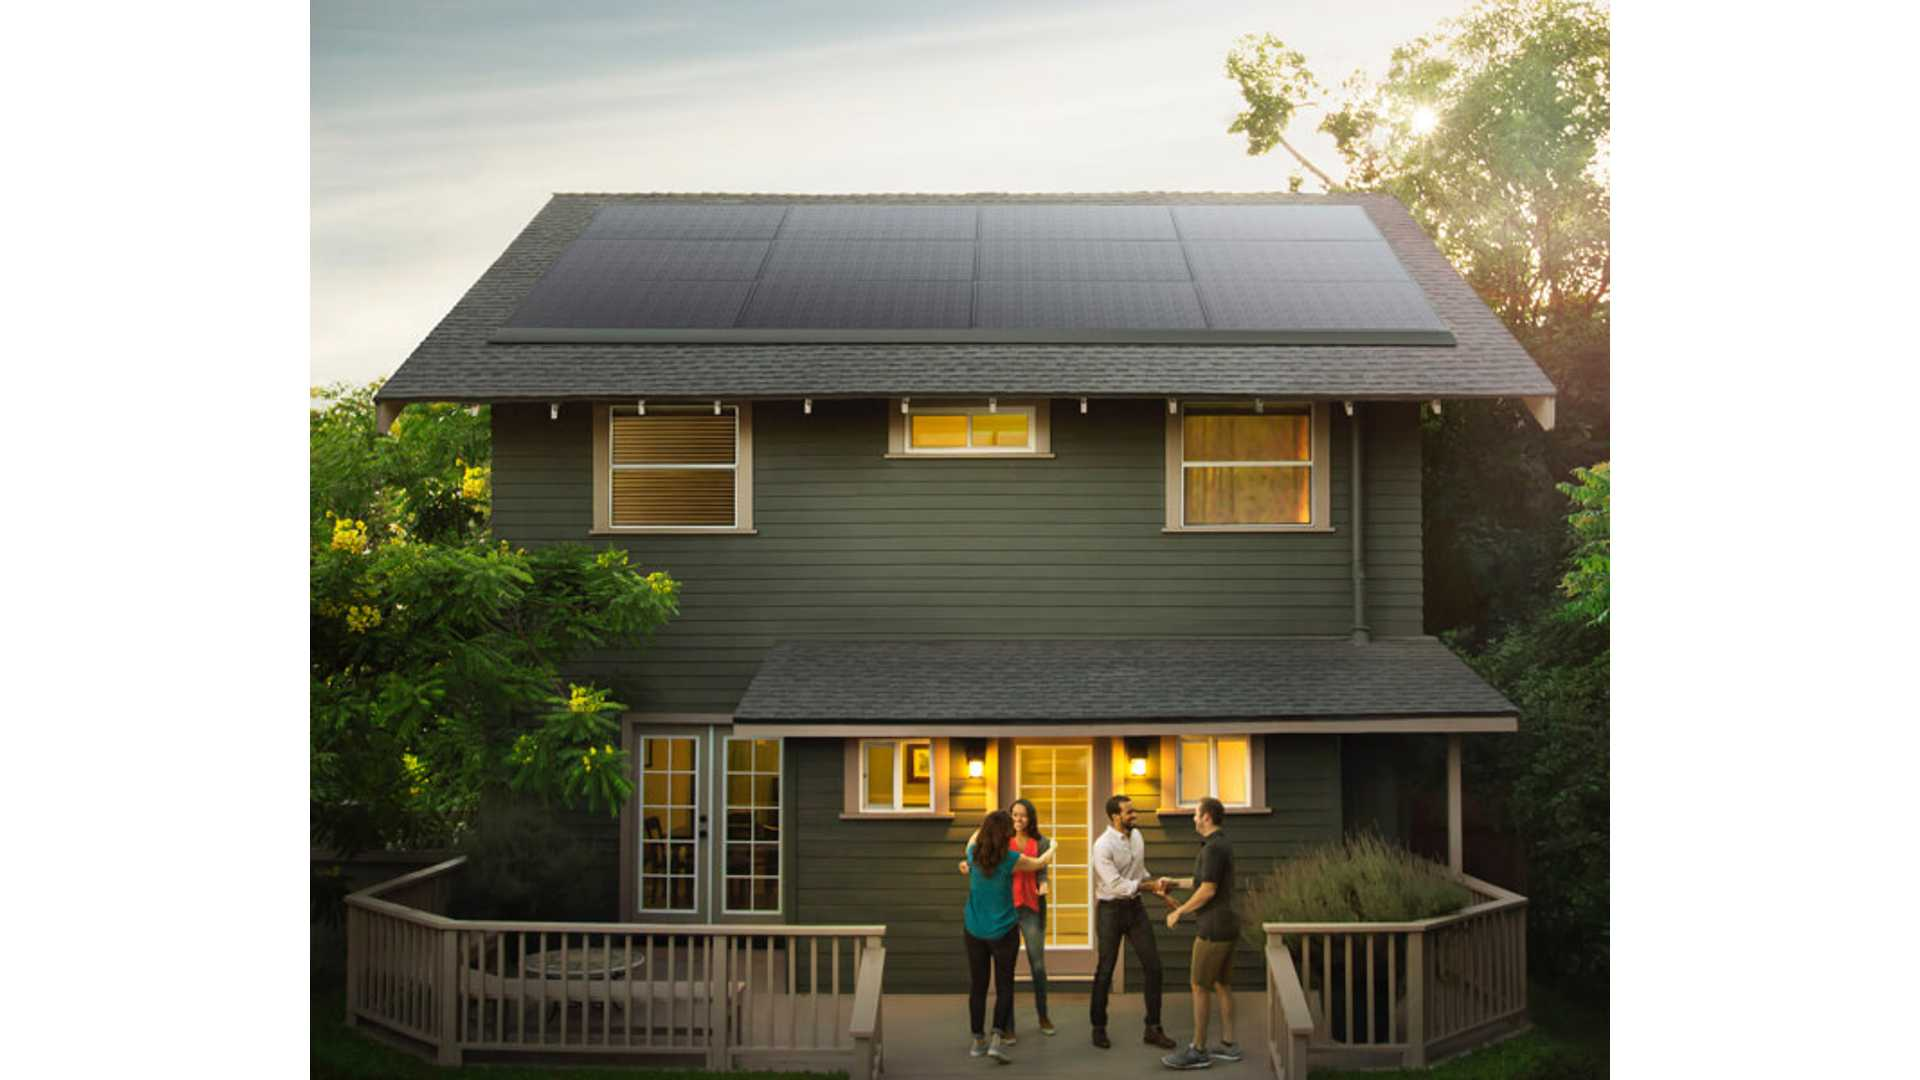 Tesla Reveals New 325 Watt, 21 76% Efficient Solar Panel